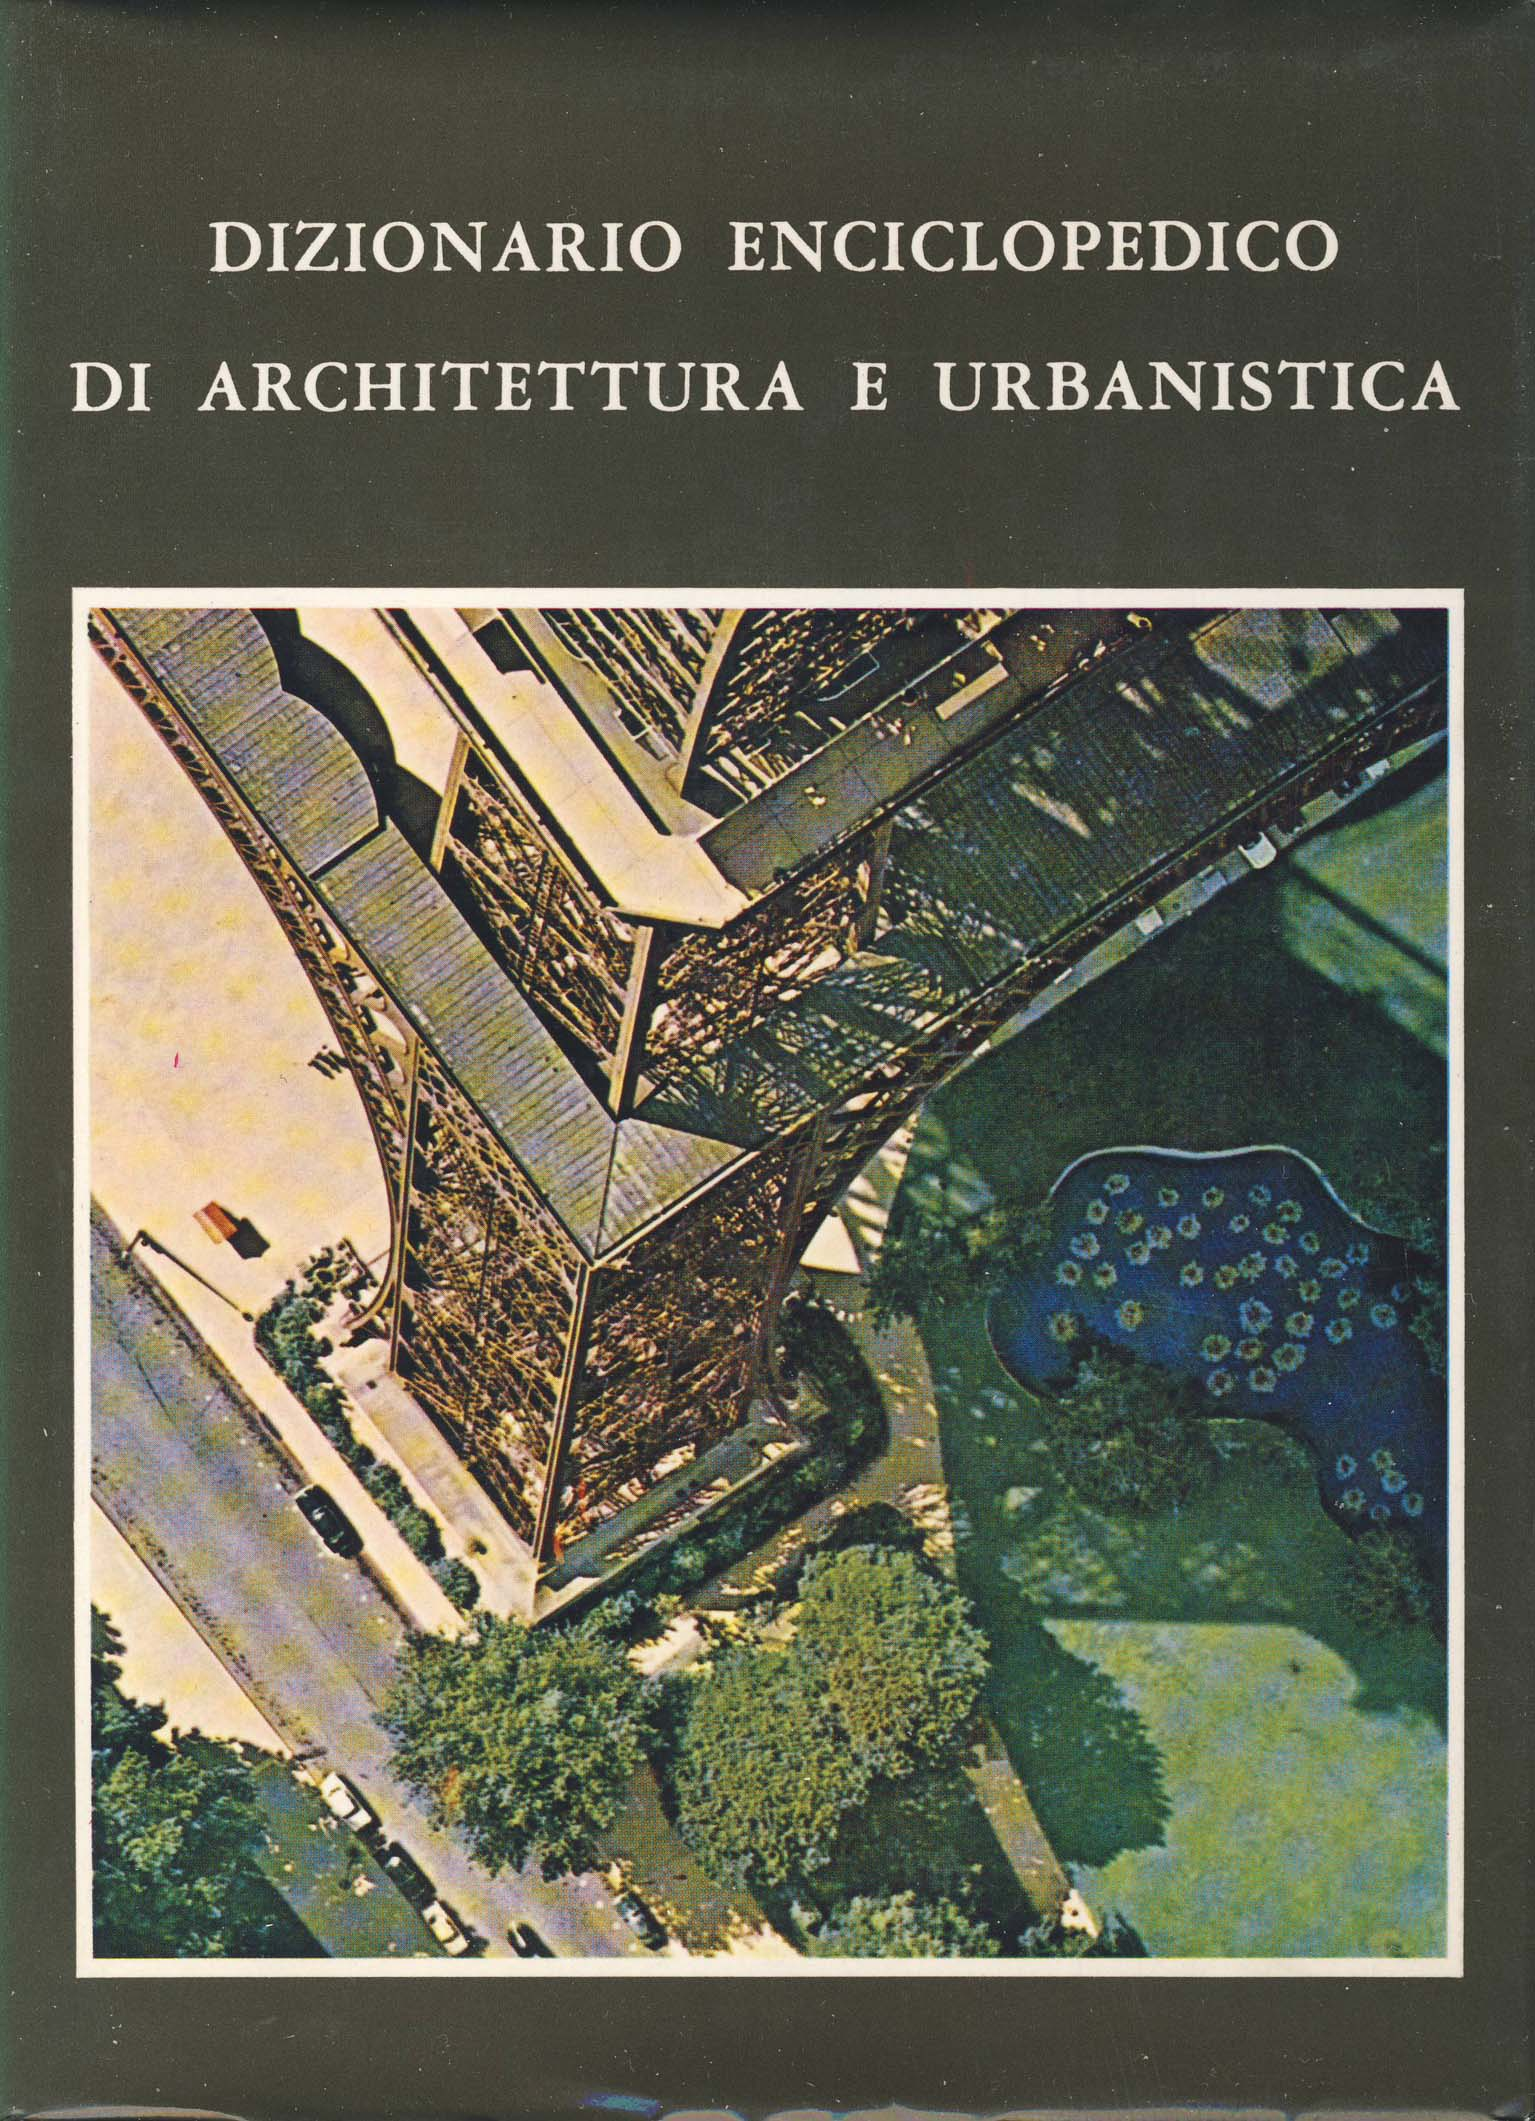 Dizionario enciclopedico di architettura e urbanistica - vol. II